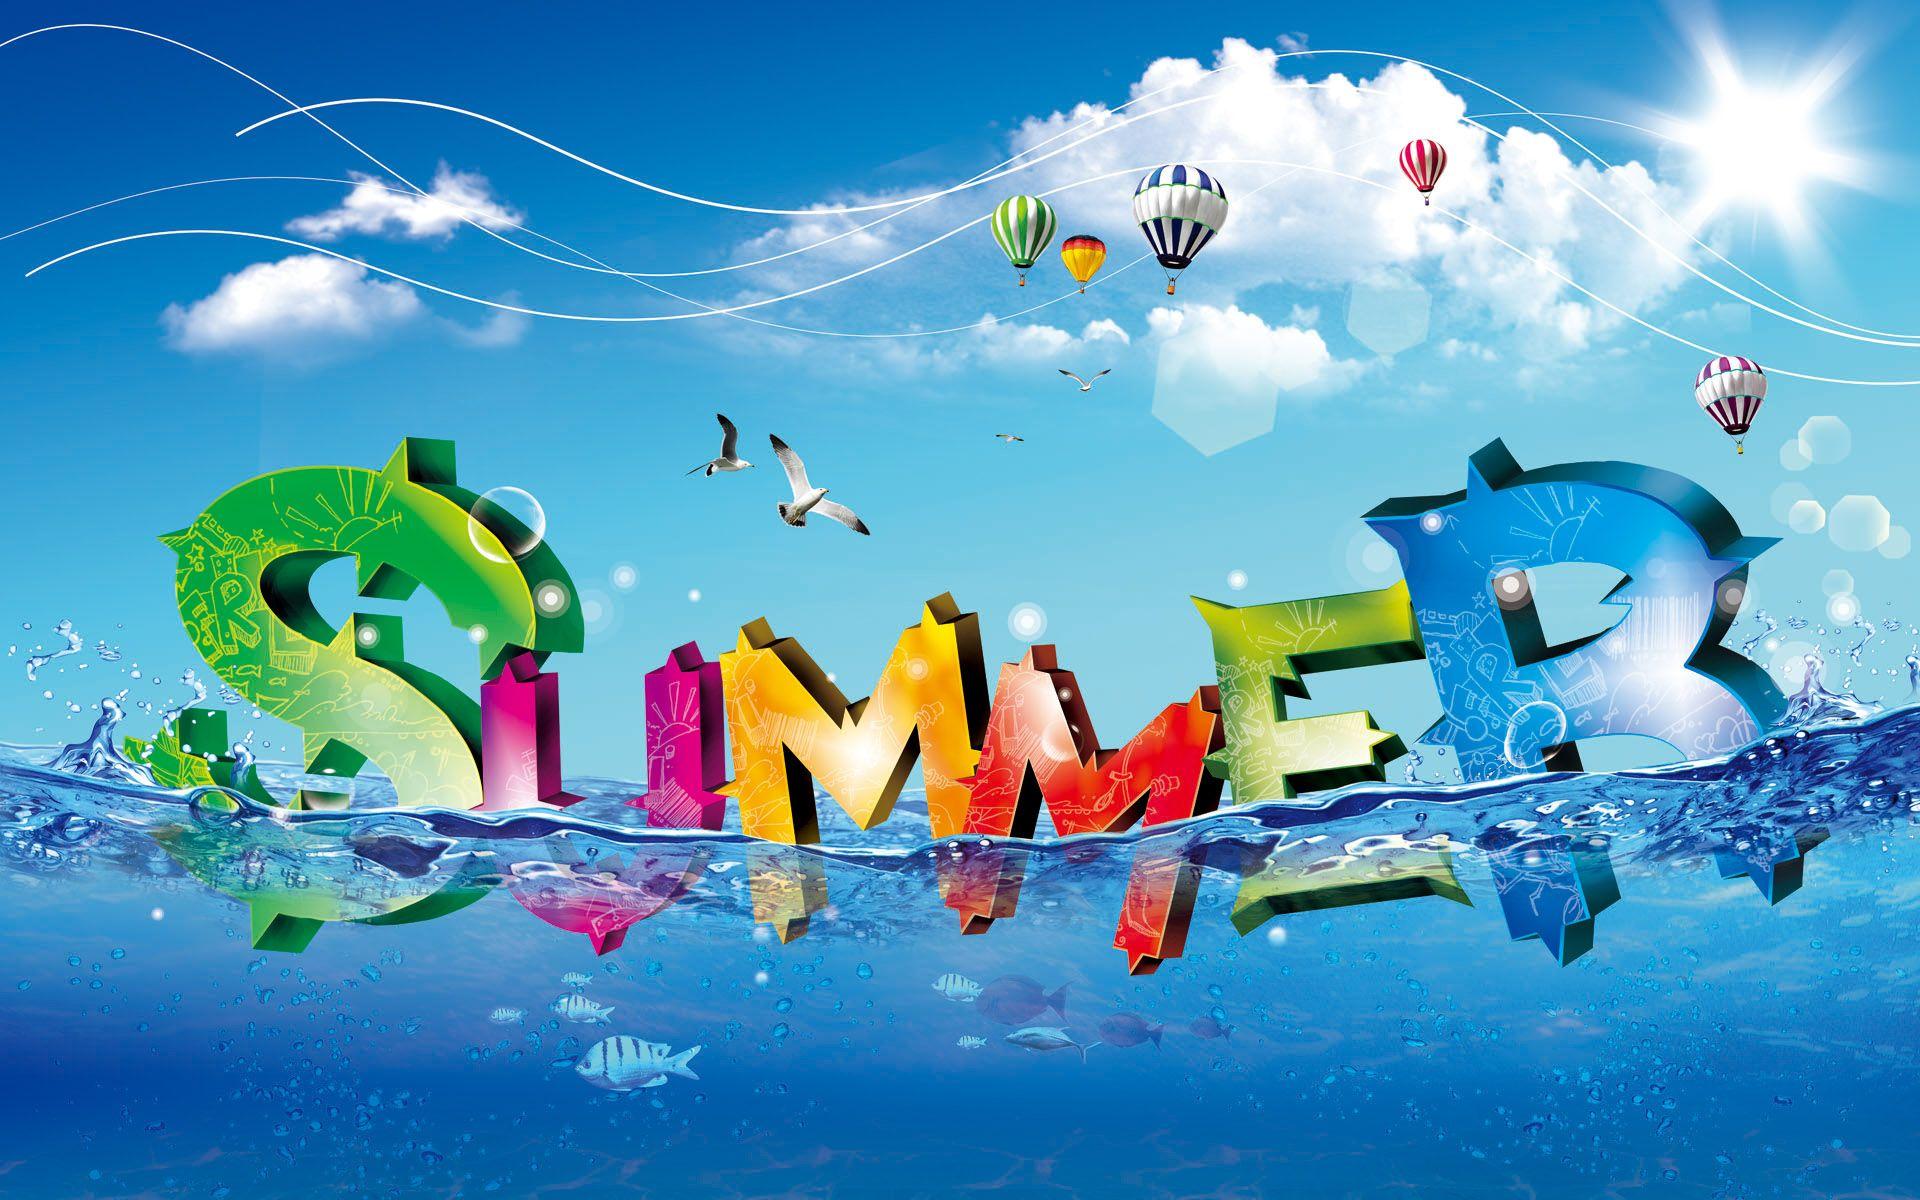 Поздравление, картинка с надписью лето лето